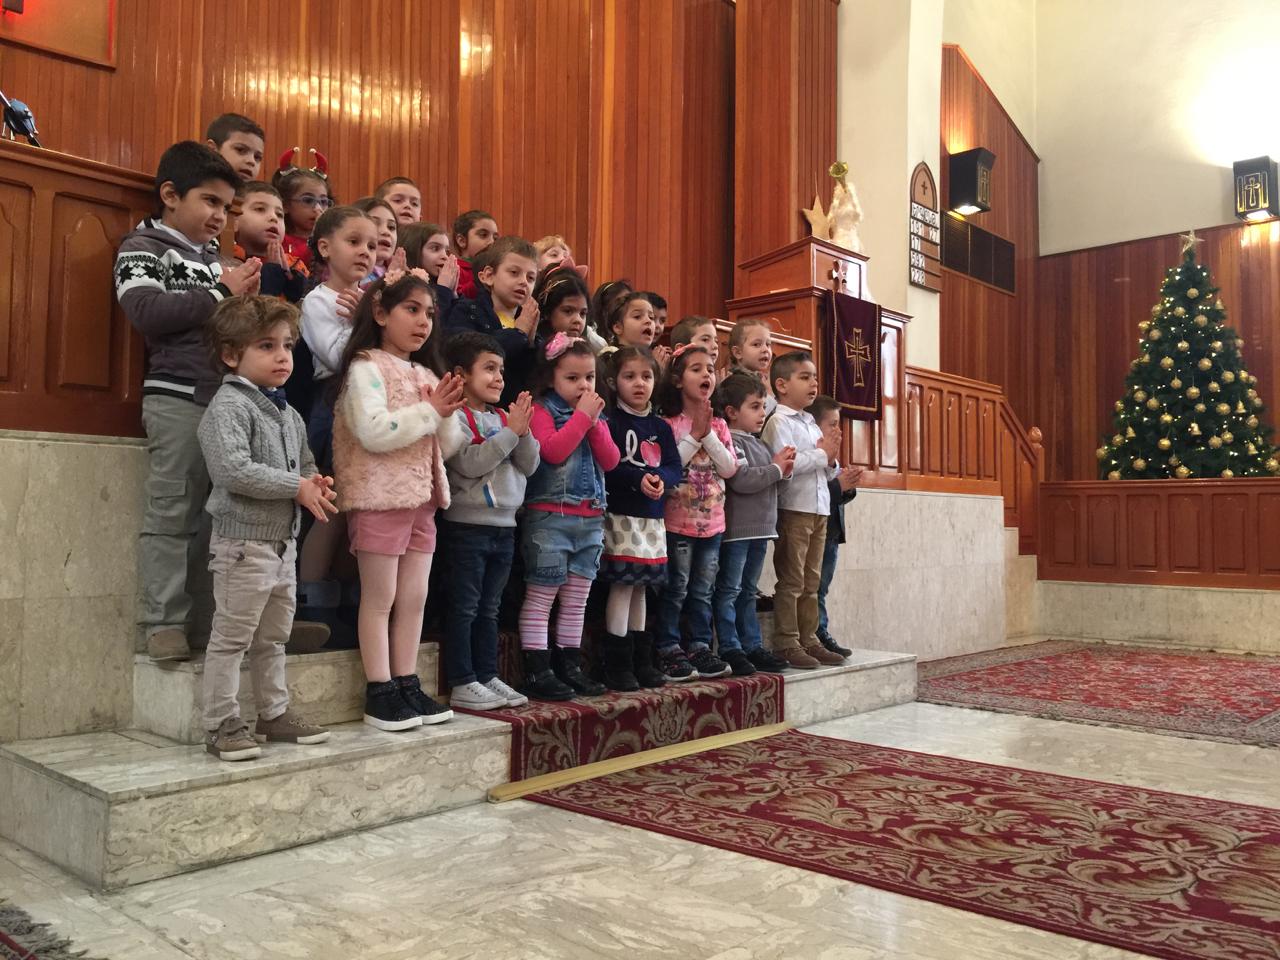 Lebanon_2017_Maria_Bakalian_01.jpeg